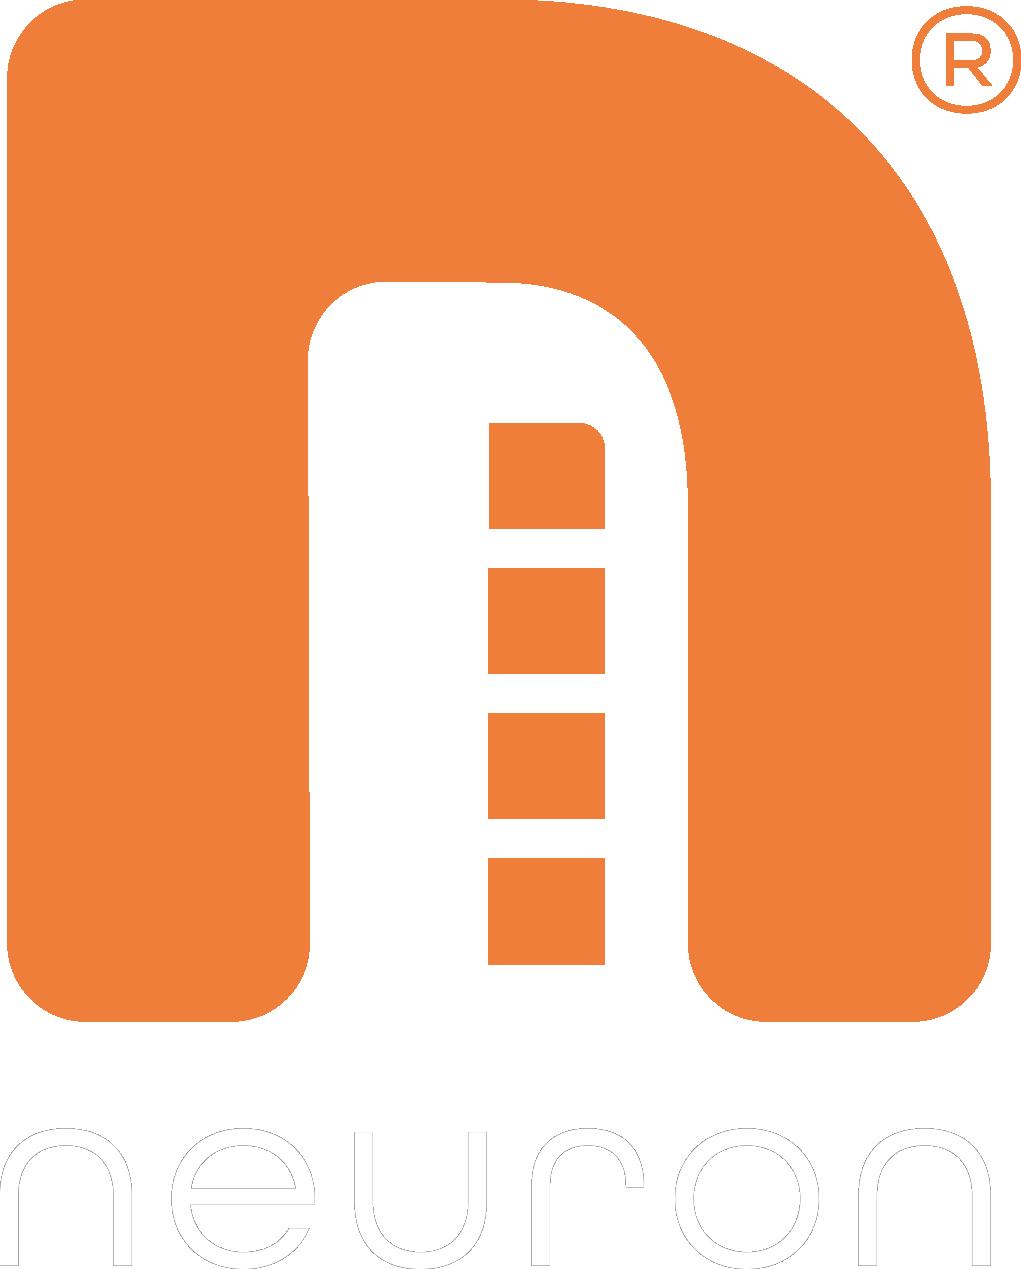 Logo no background orange logo white text